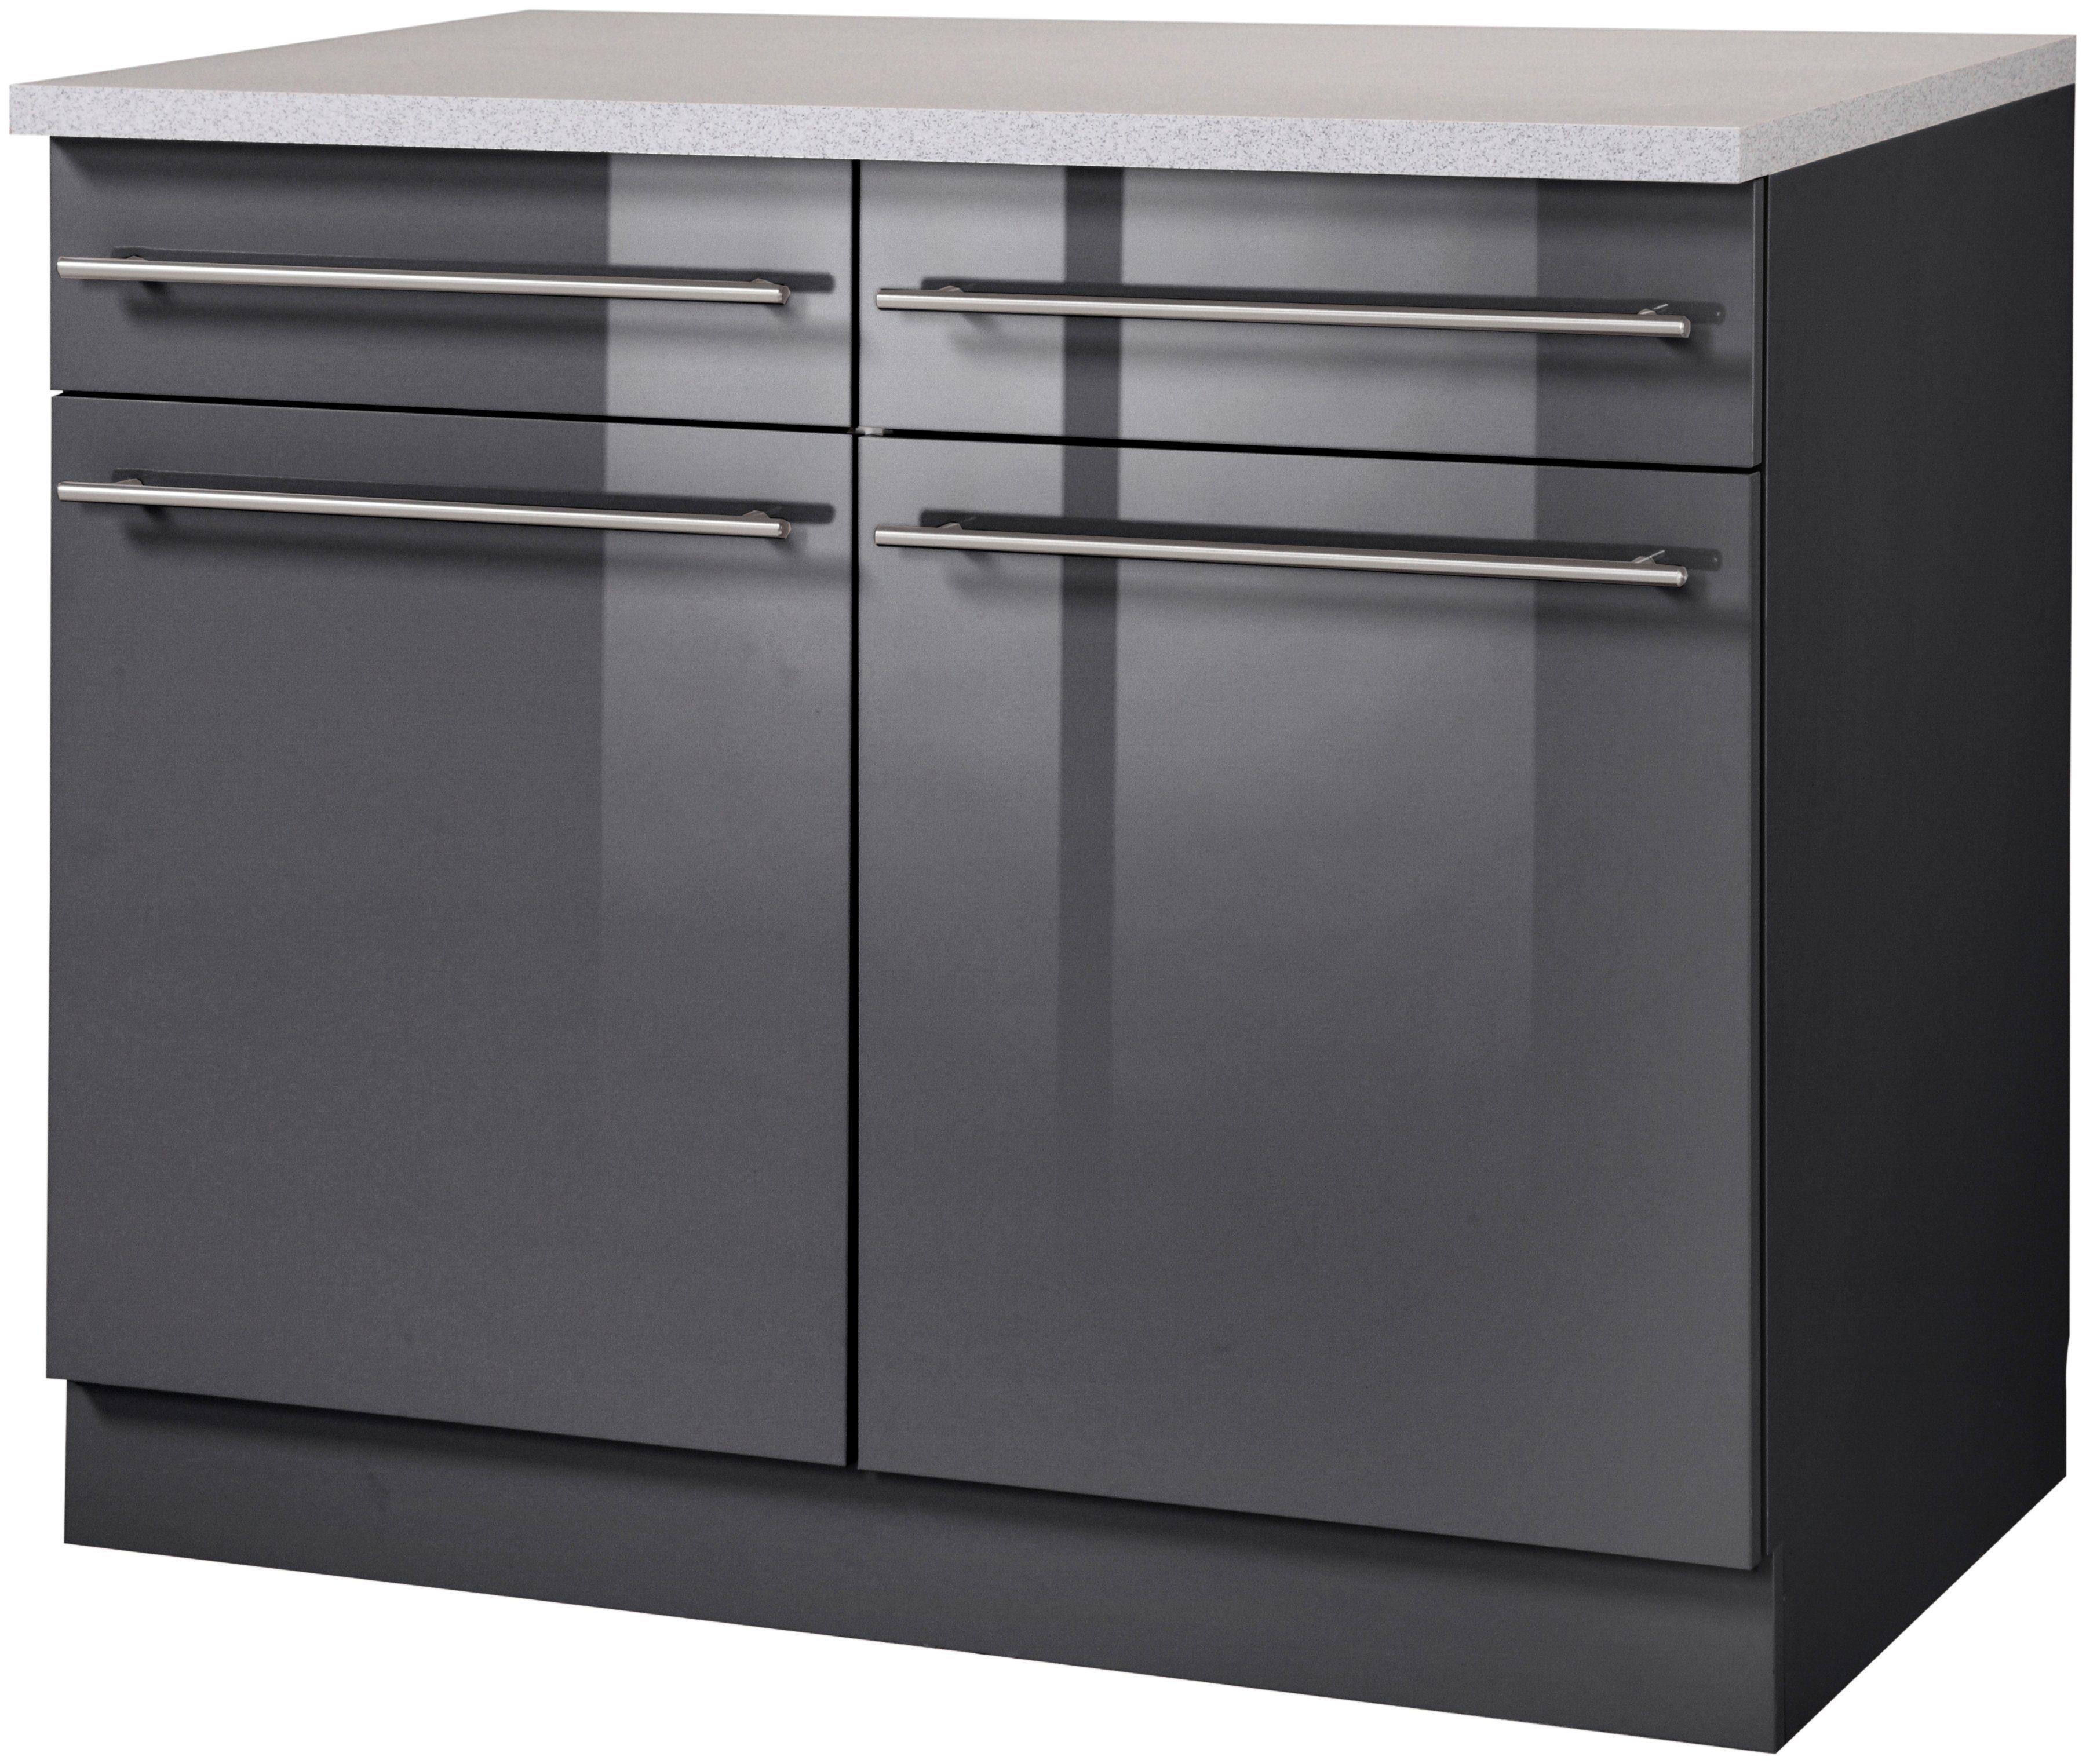 Ikea Küche Unterschrank Schubladen | Wiho Küchen ...